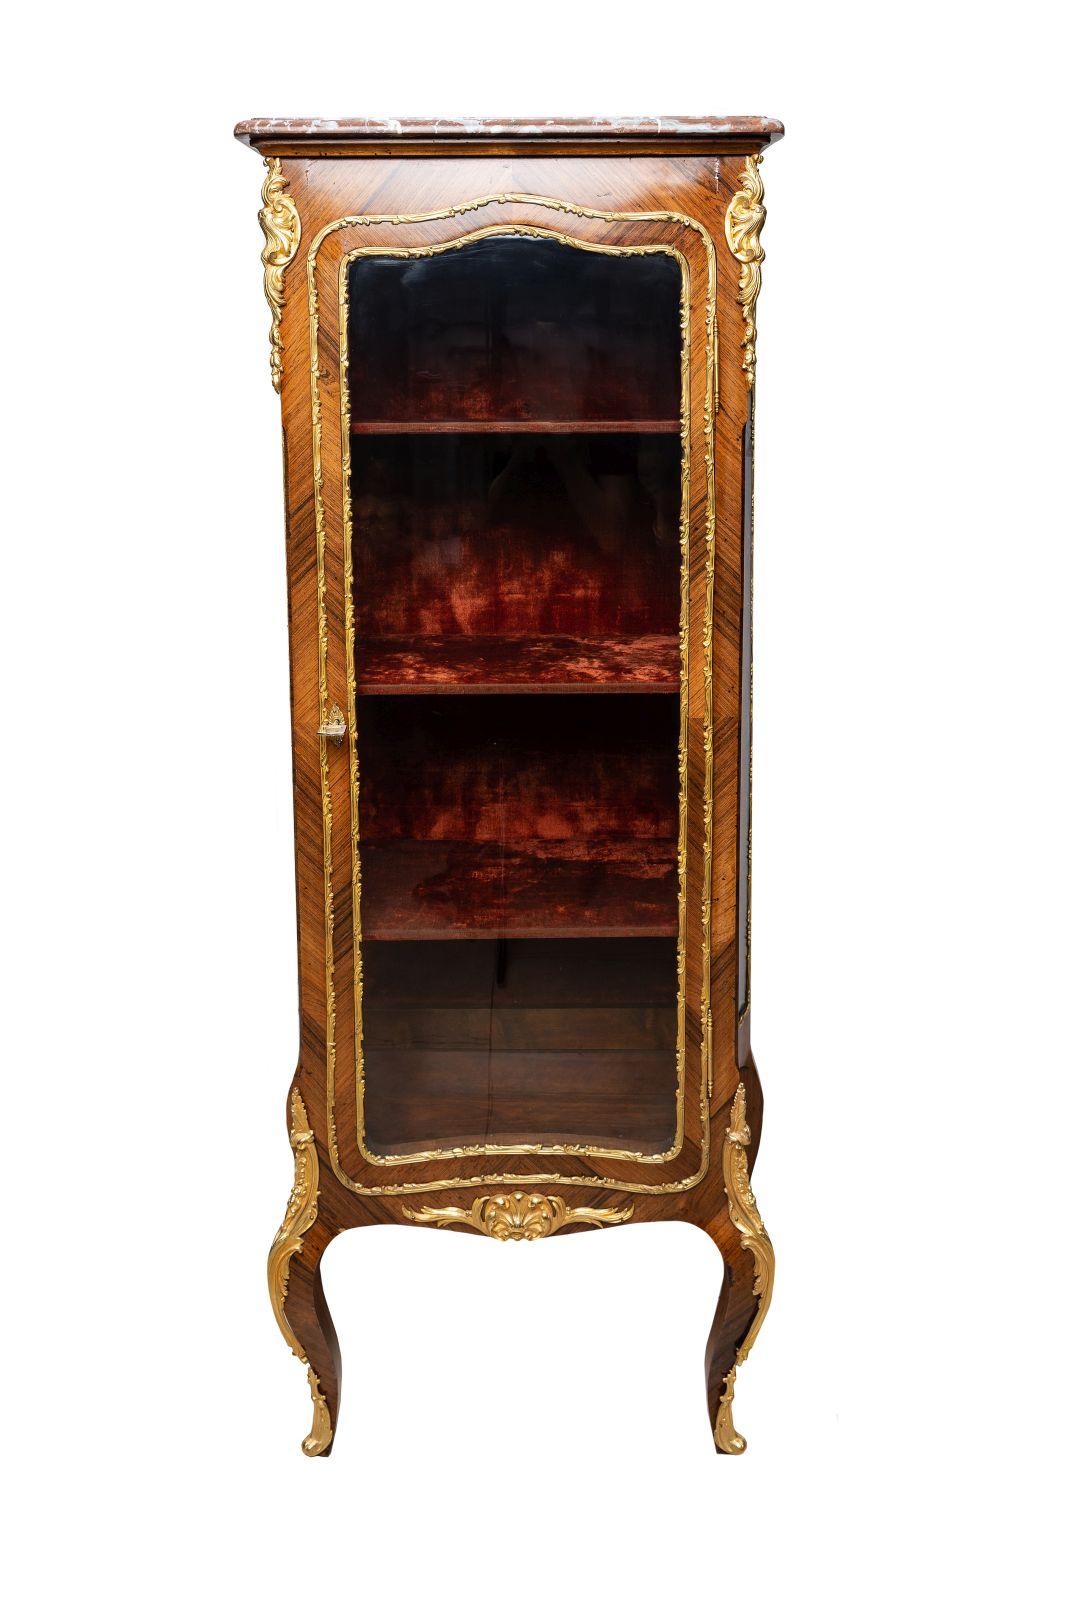 #106 Glass cabinet in Louis XV style   Glas Vitrine im Louis XV Stil Image